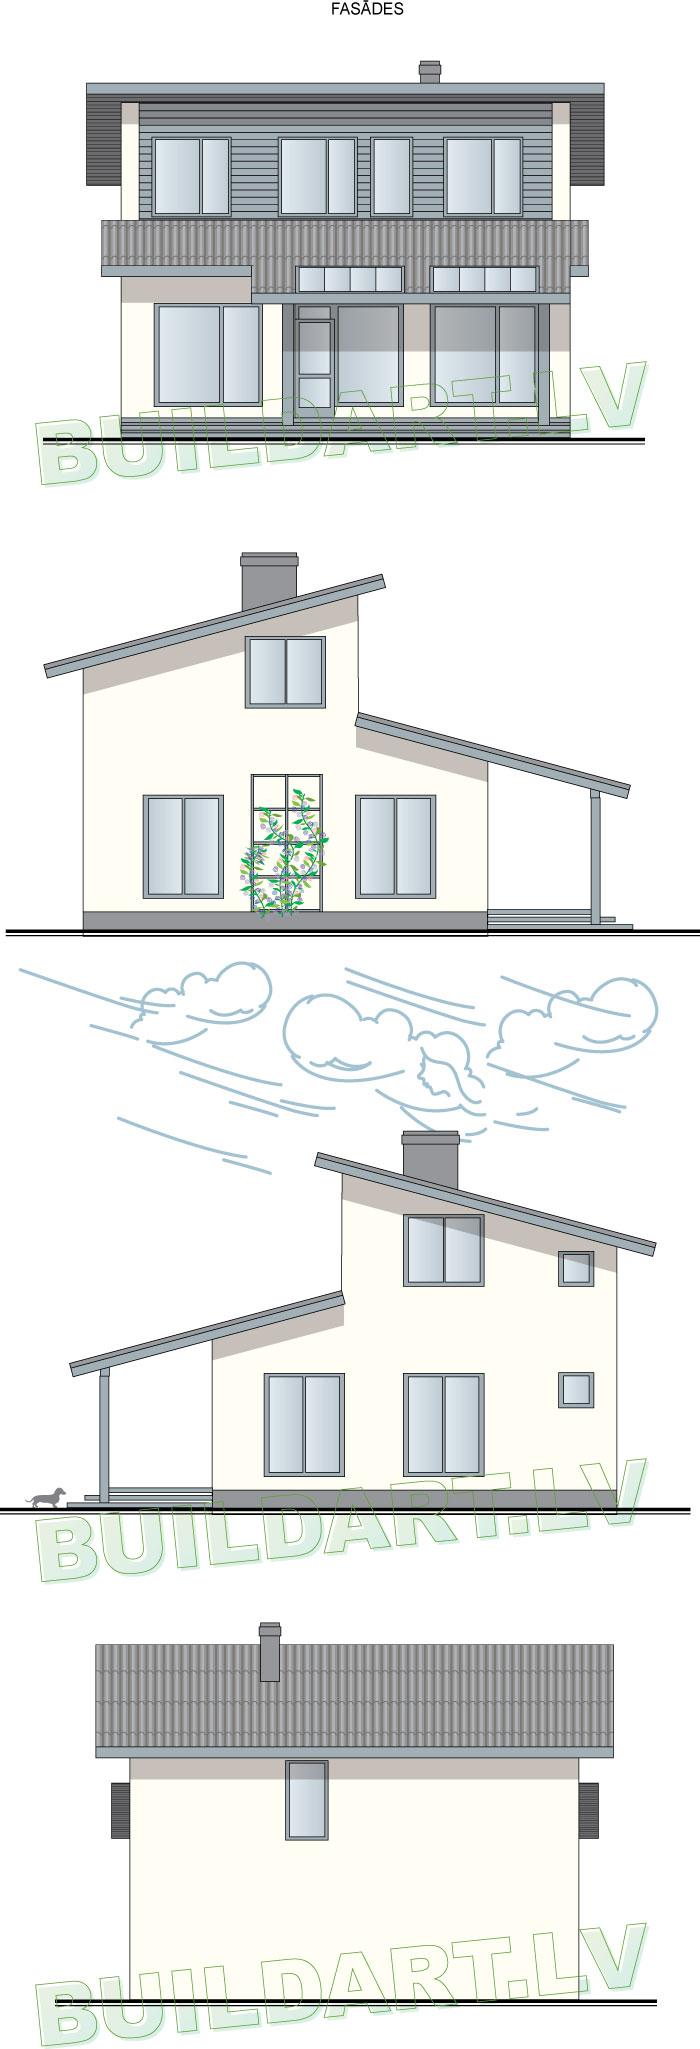 """Brīvdienu mājas projekts """"Strazds"""" - fasādes"""